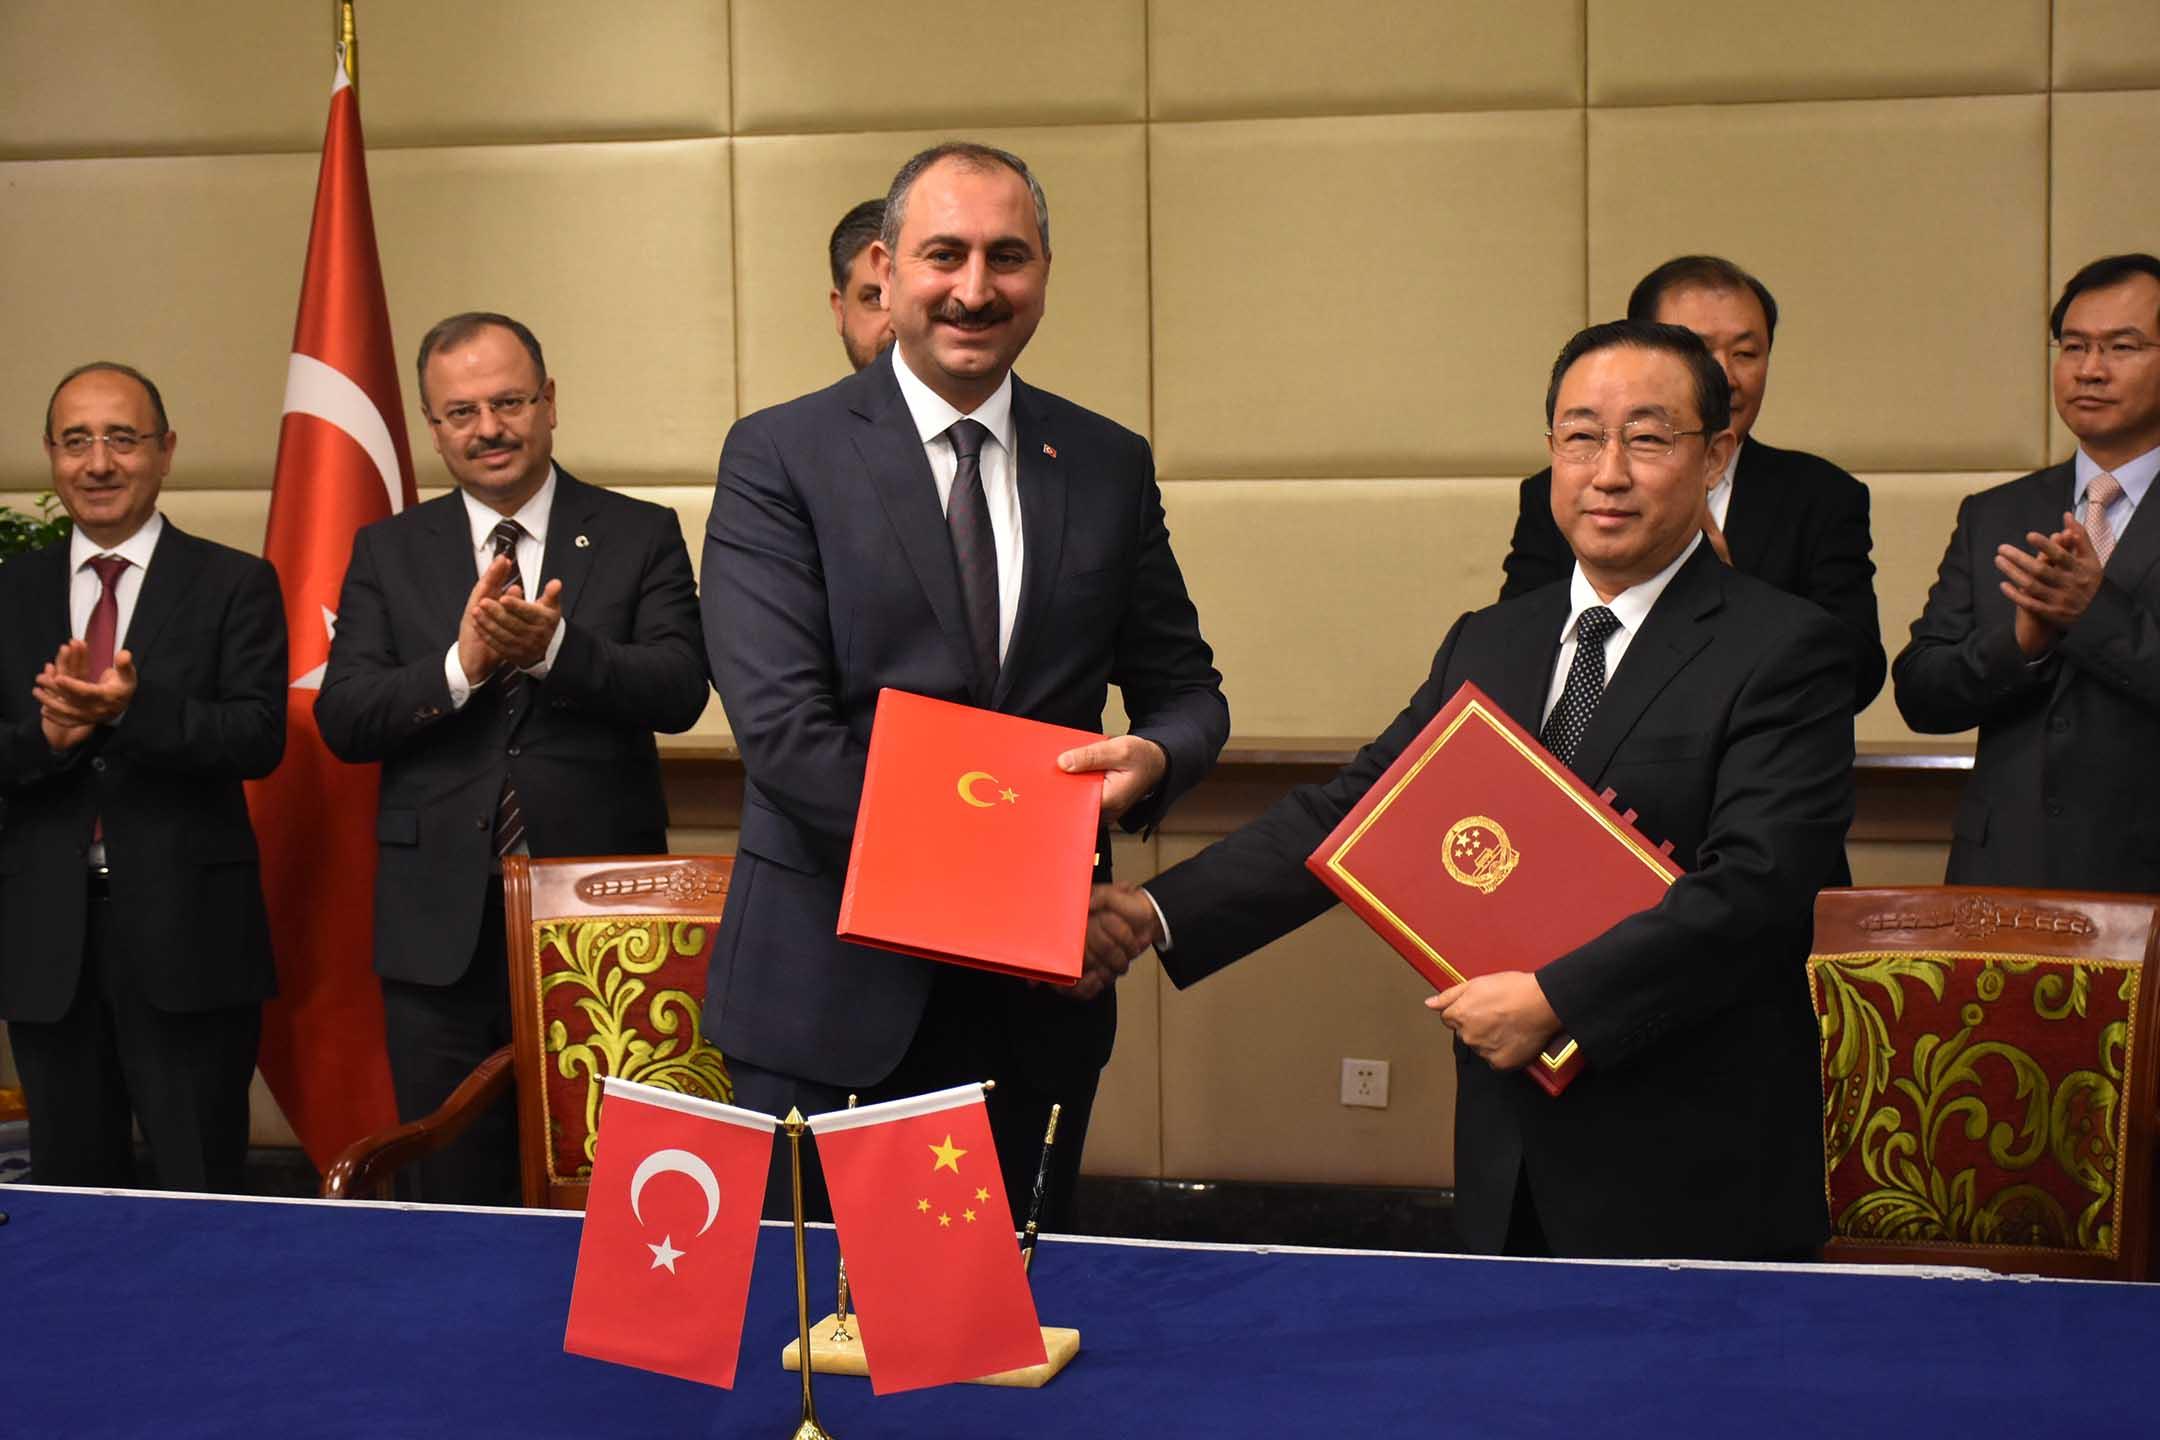 2018年11月14日中國北京,土耳其司法部長阿卜杜勒哈米特·居爾(左)與中國司法部長傅政華(右)在酒店簽署兩國諒解備忘錄。